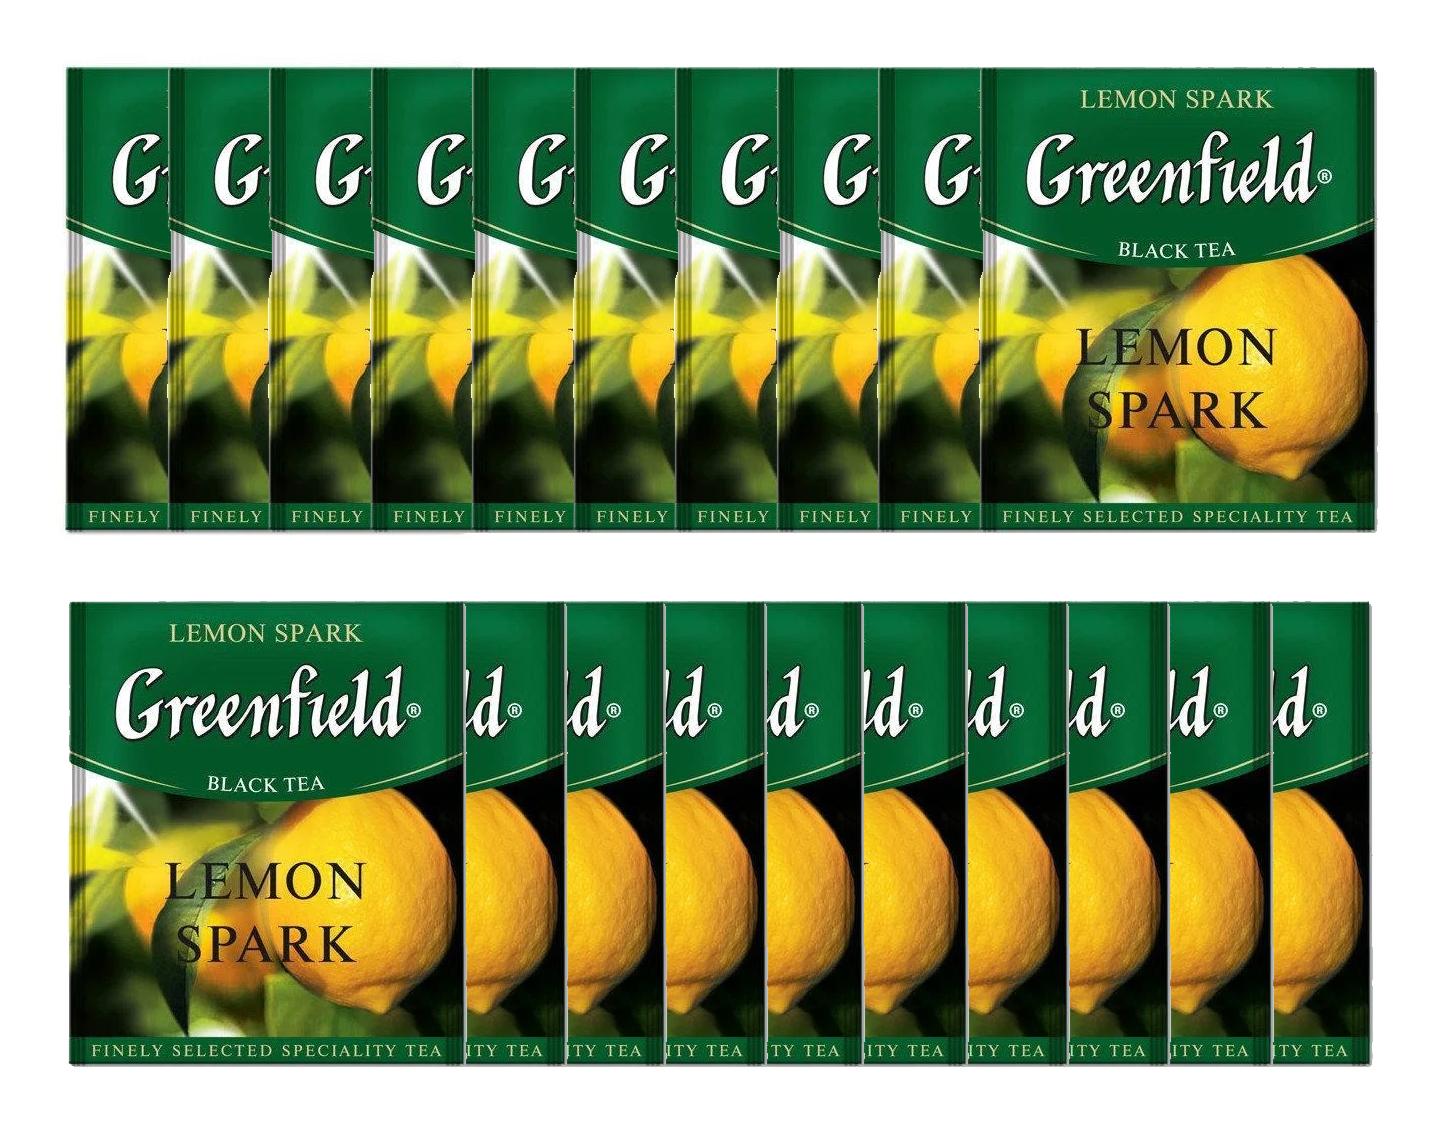 Чай черный ароматизированный Lemon Spark 100пак. по 1,5гр., термосаше в пакете Greenfield - фото 2